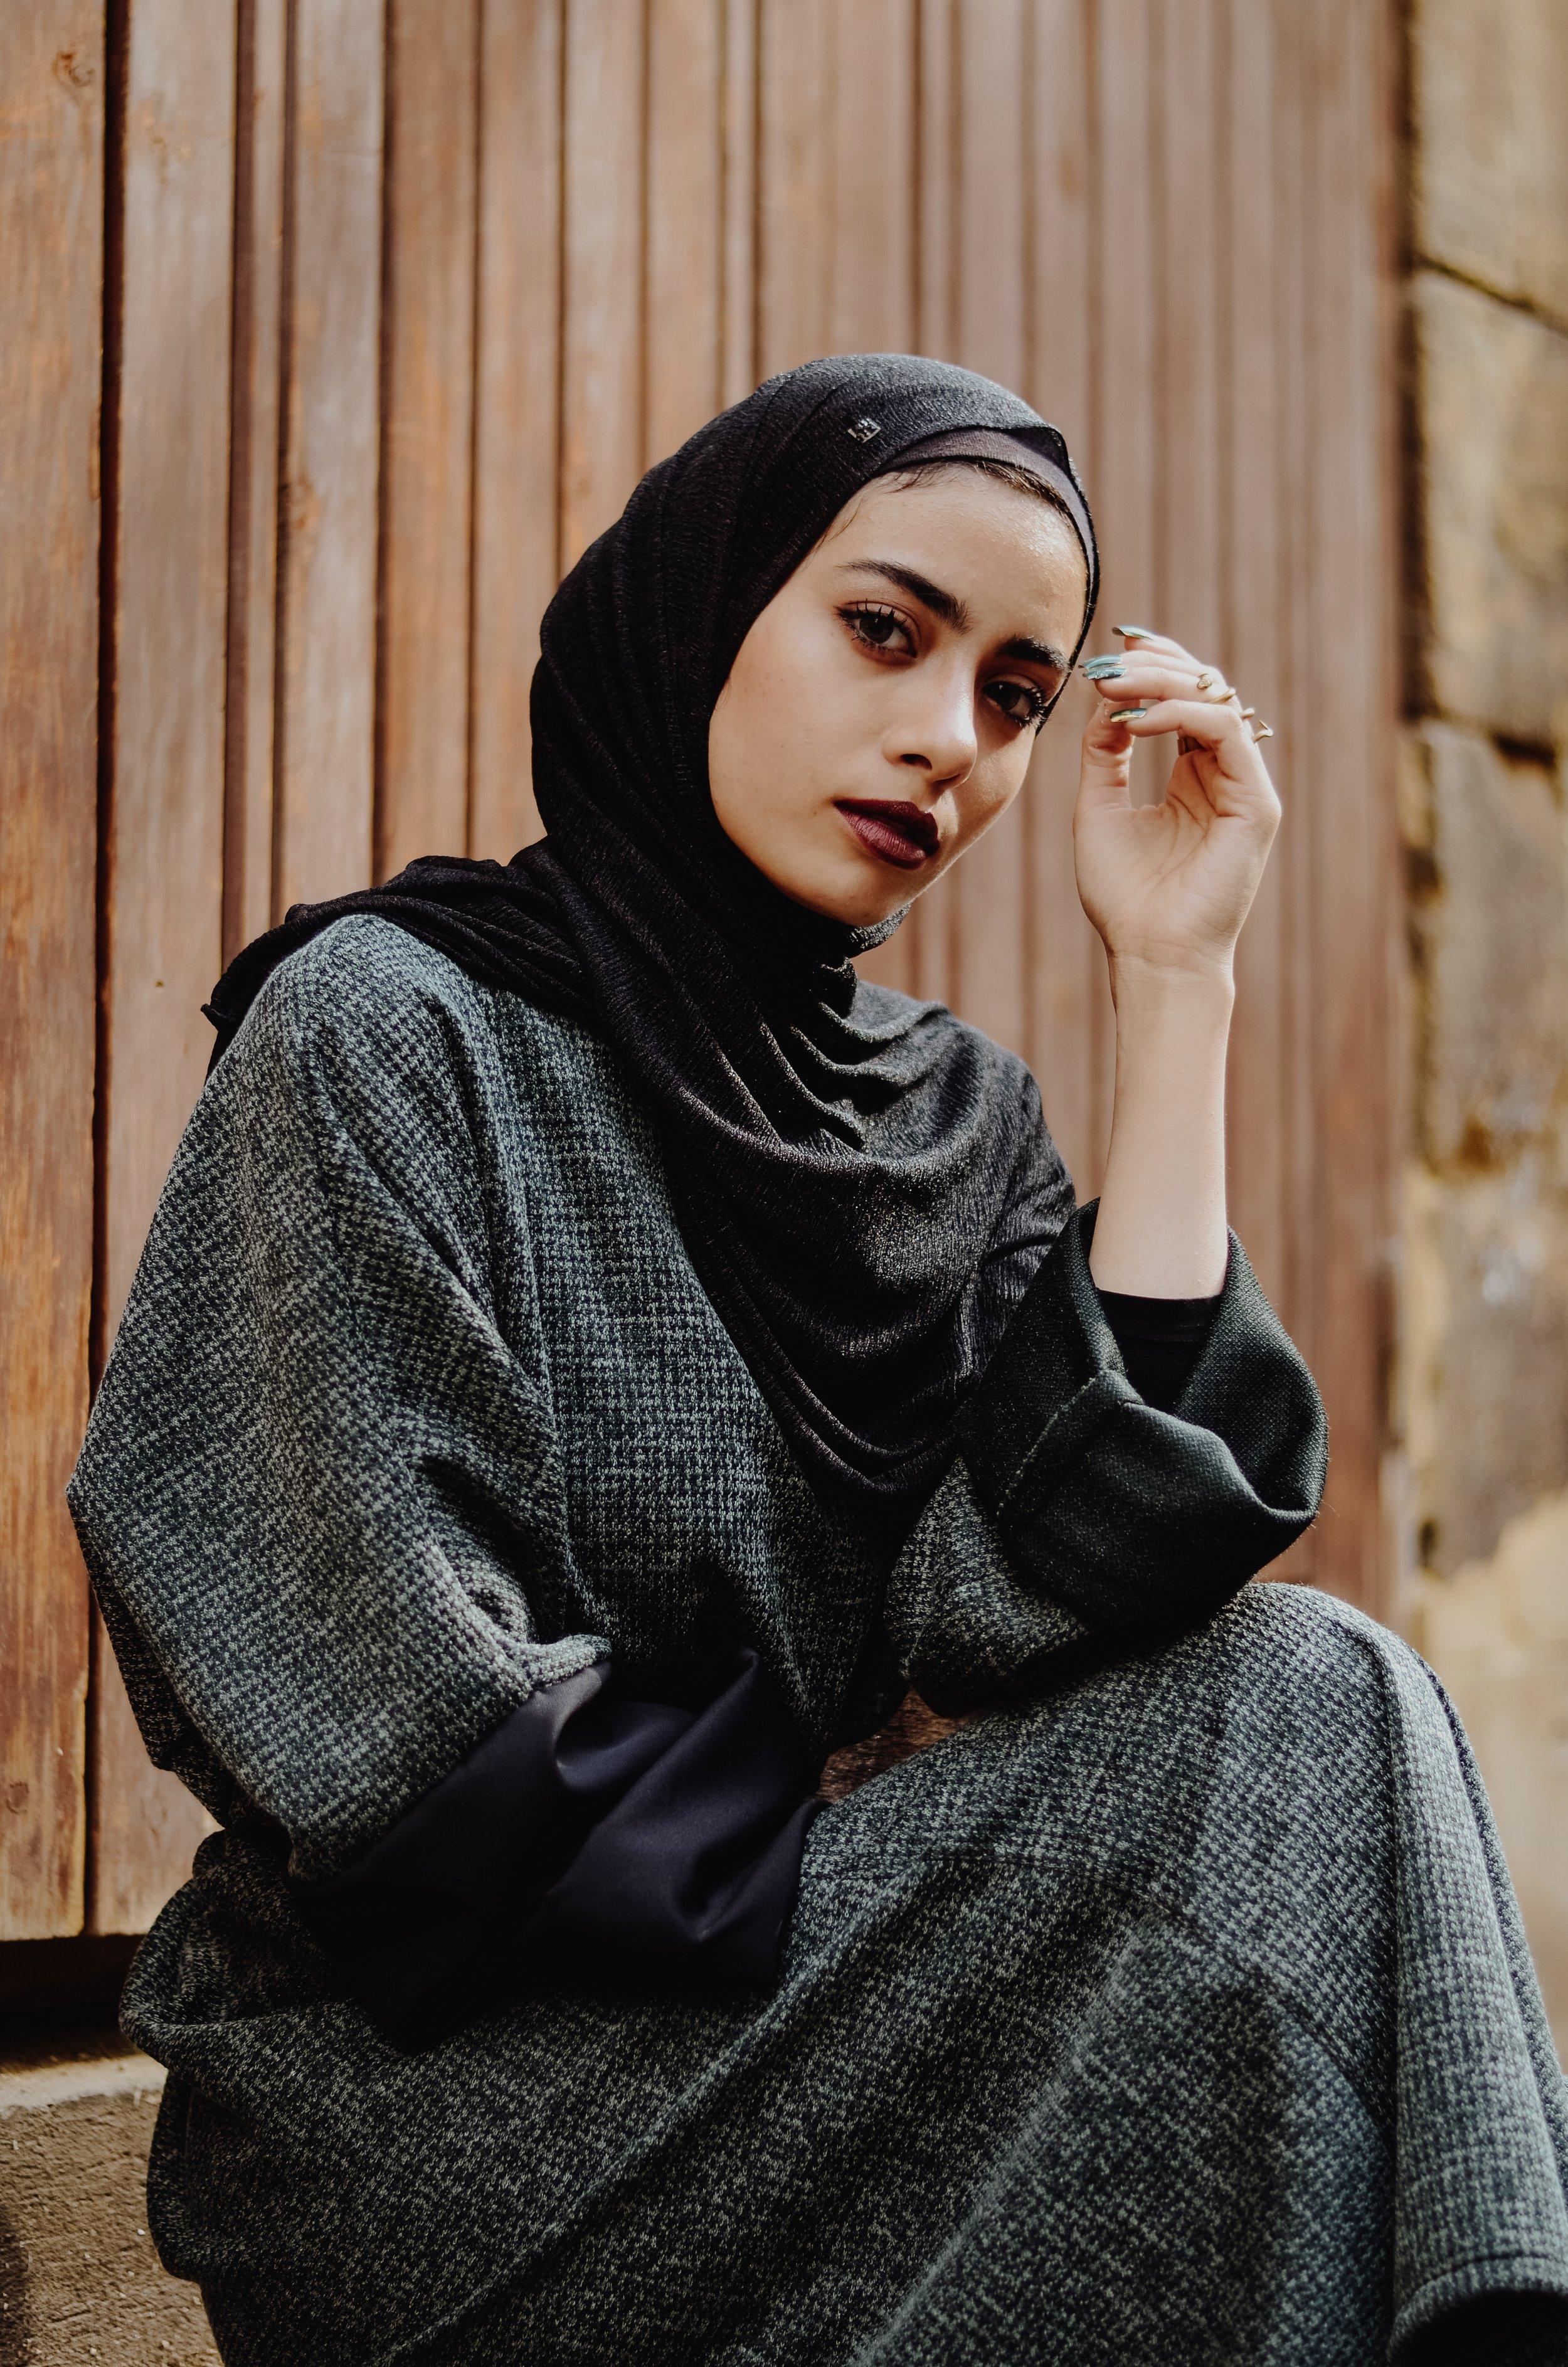 mohammed-hassan-1245101-unsplash.jpg